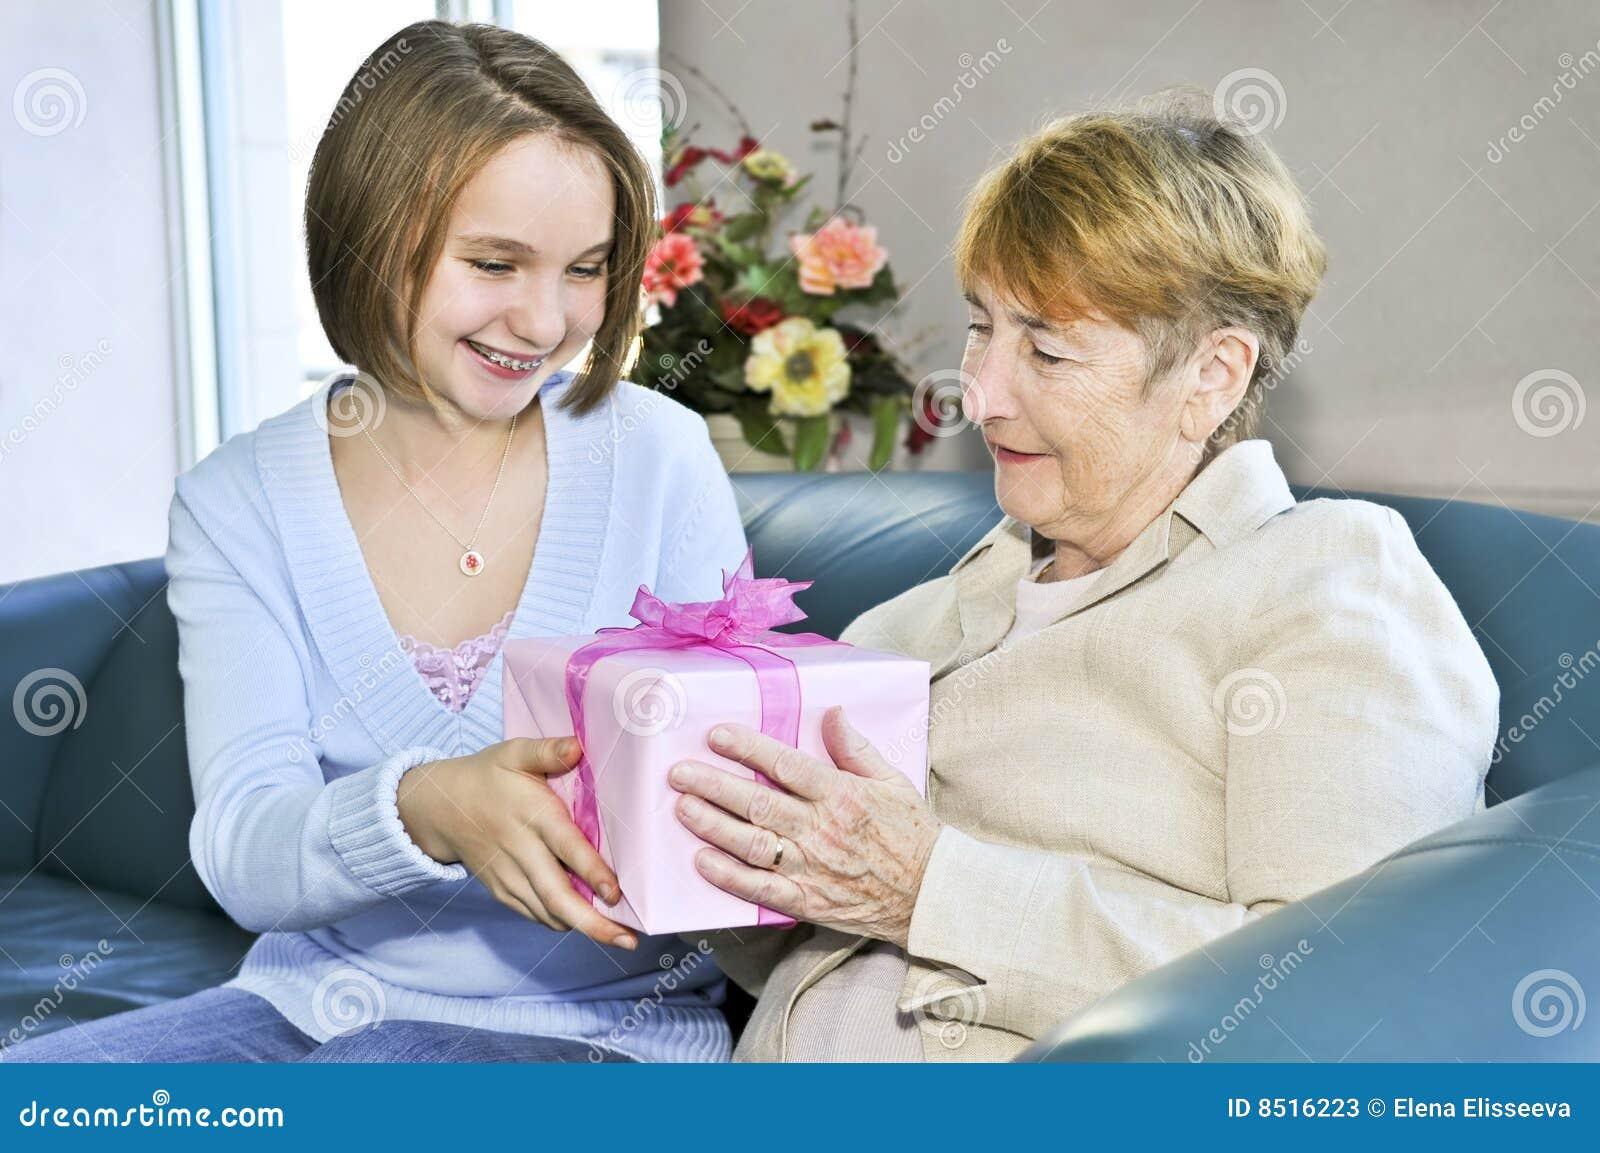 Неопытная дочка набирается опыта у отчима